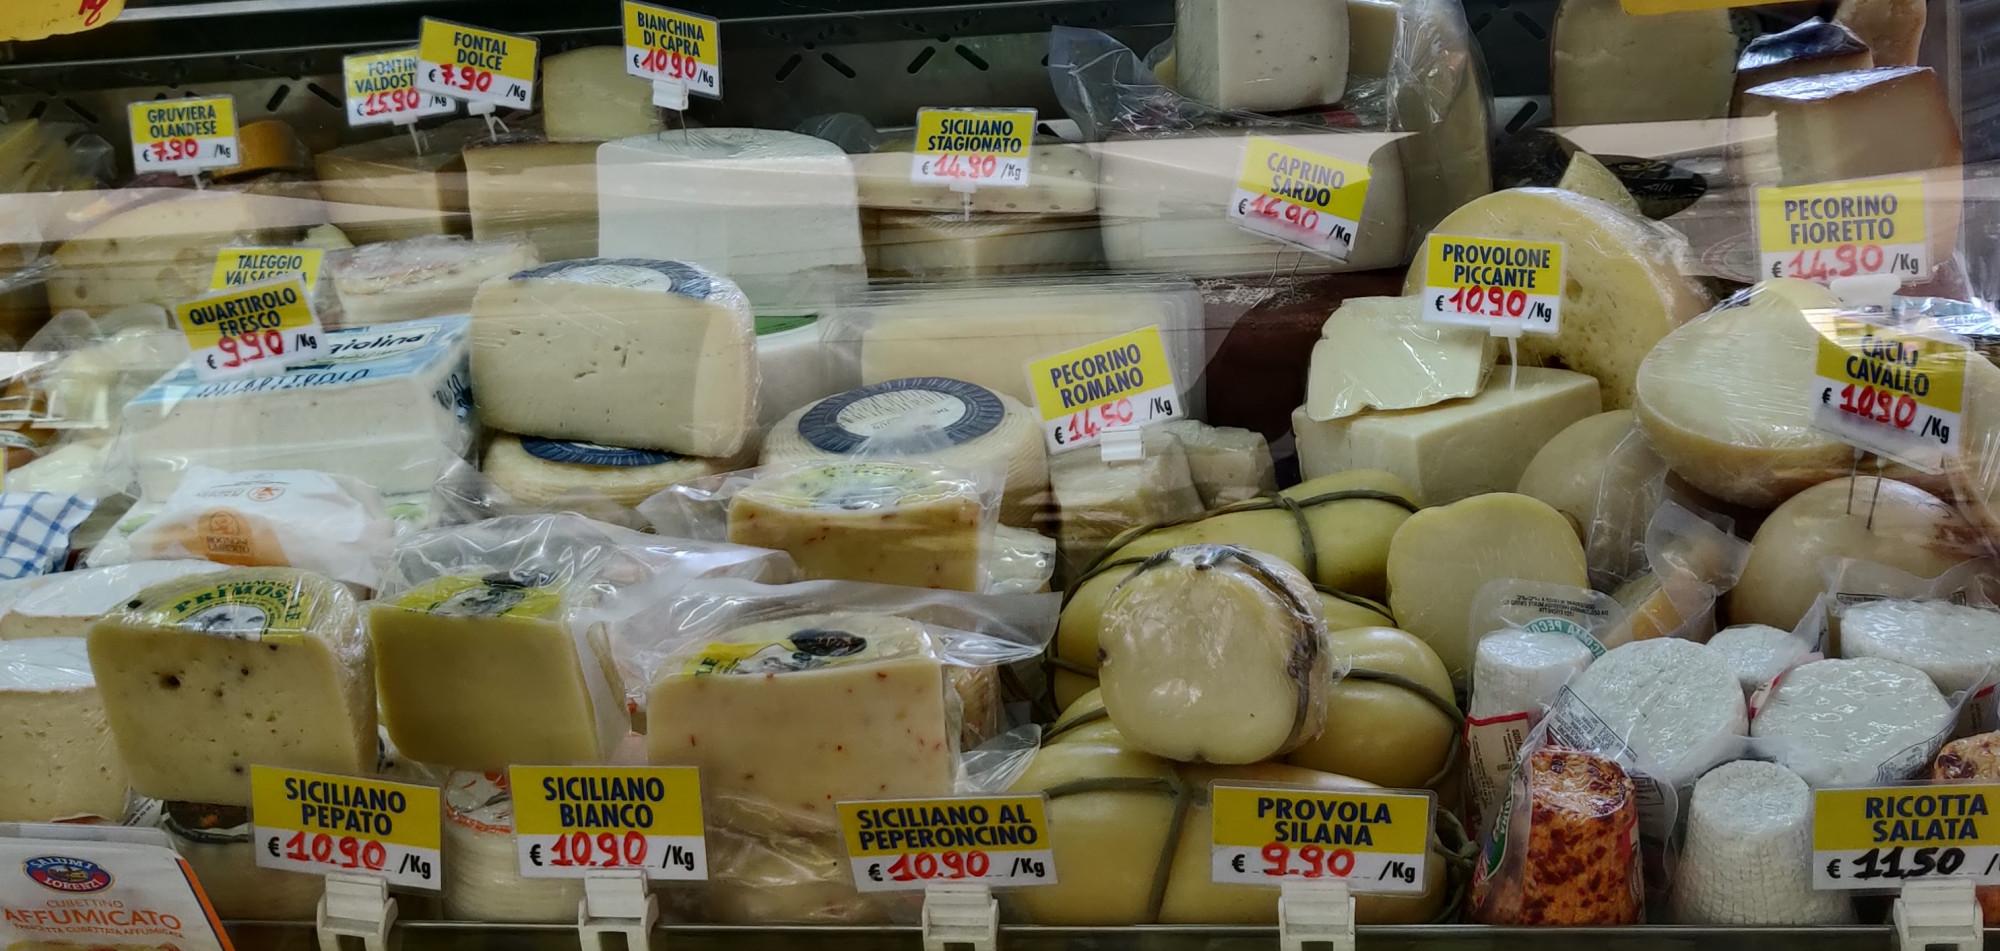 У моего сырника ещё руки были свободными.Купила новый овечий сыр.